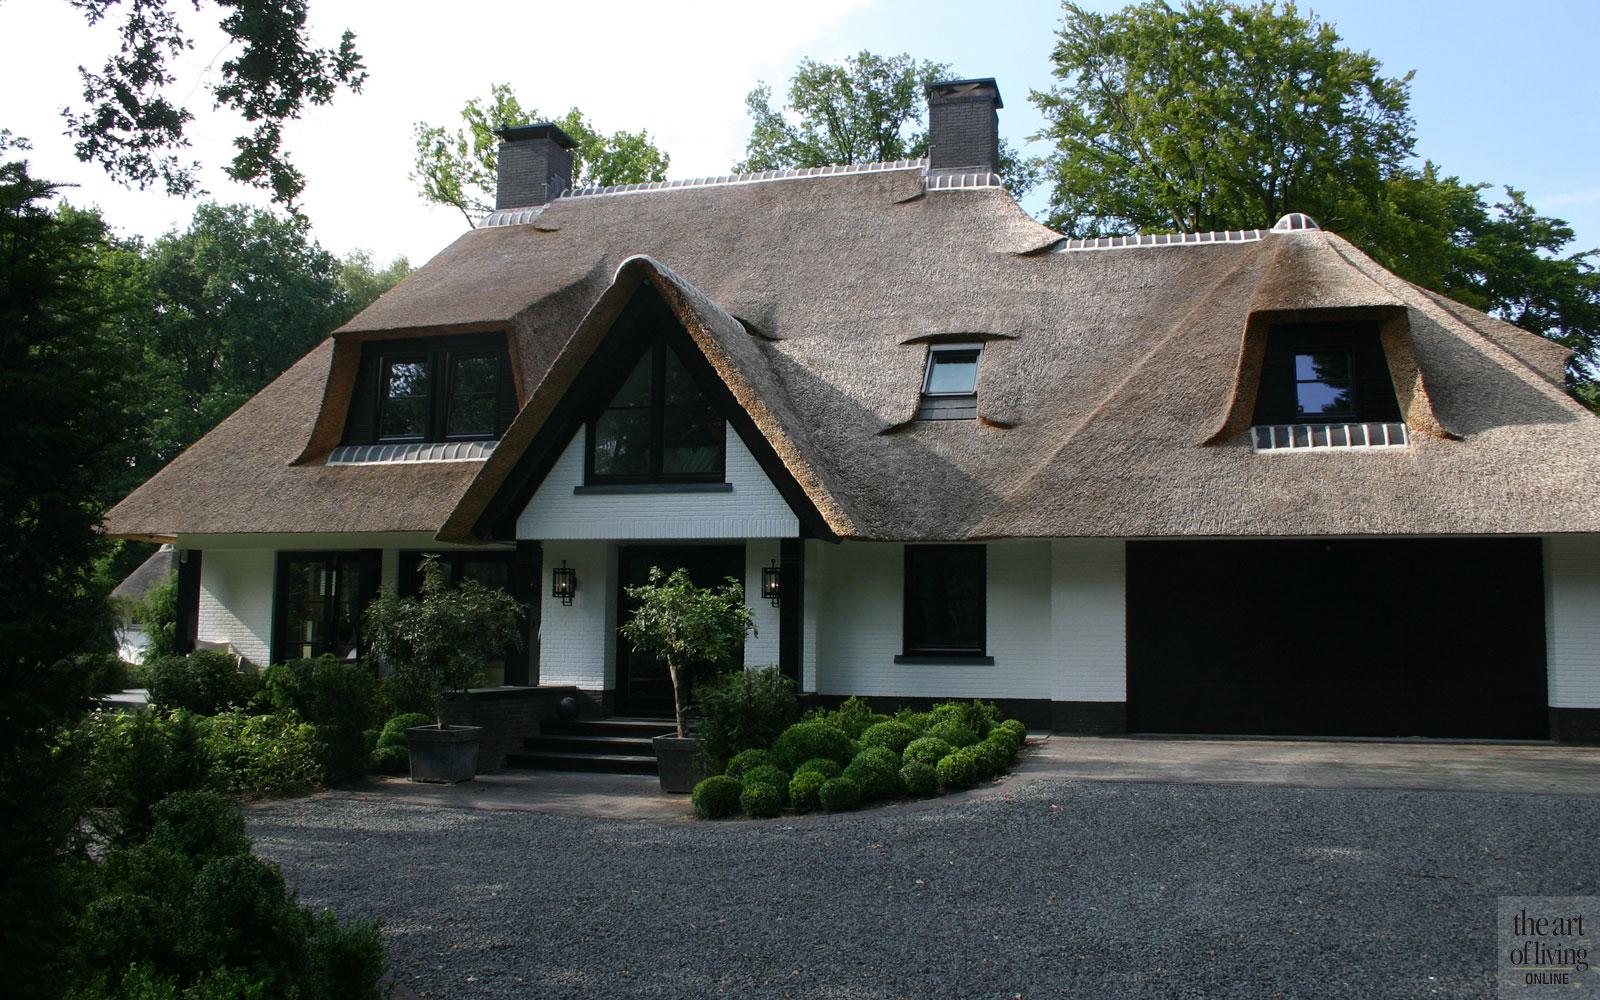 Villabouw in landelijke stijl, Landelijke Villa, Leeflang Architectuur, The art of living, landelijke villa, villa, exclusief